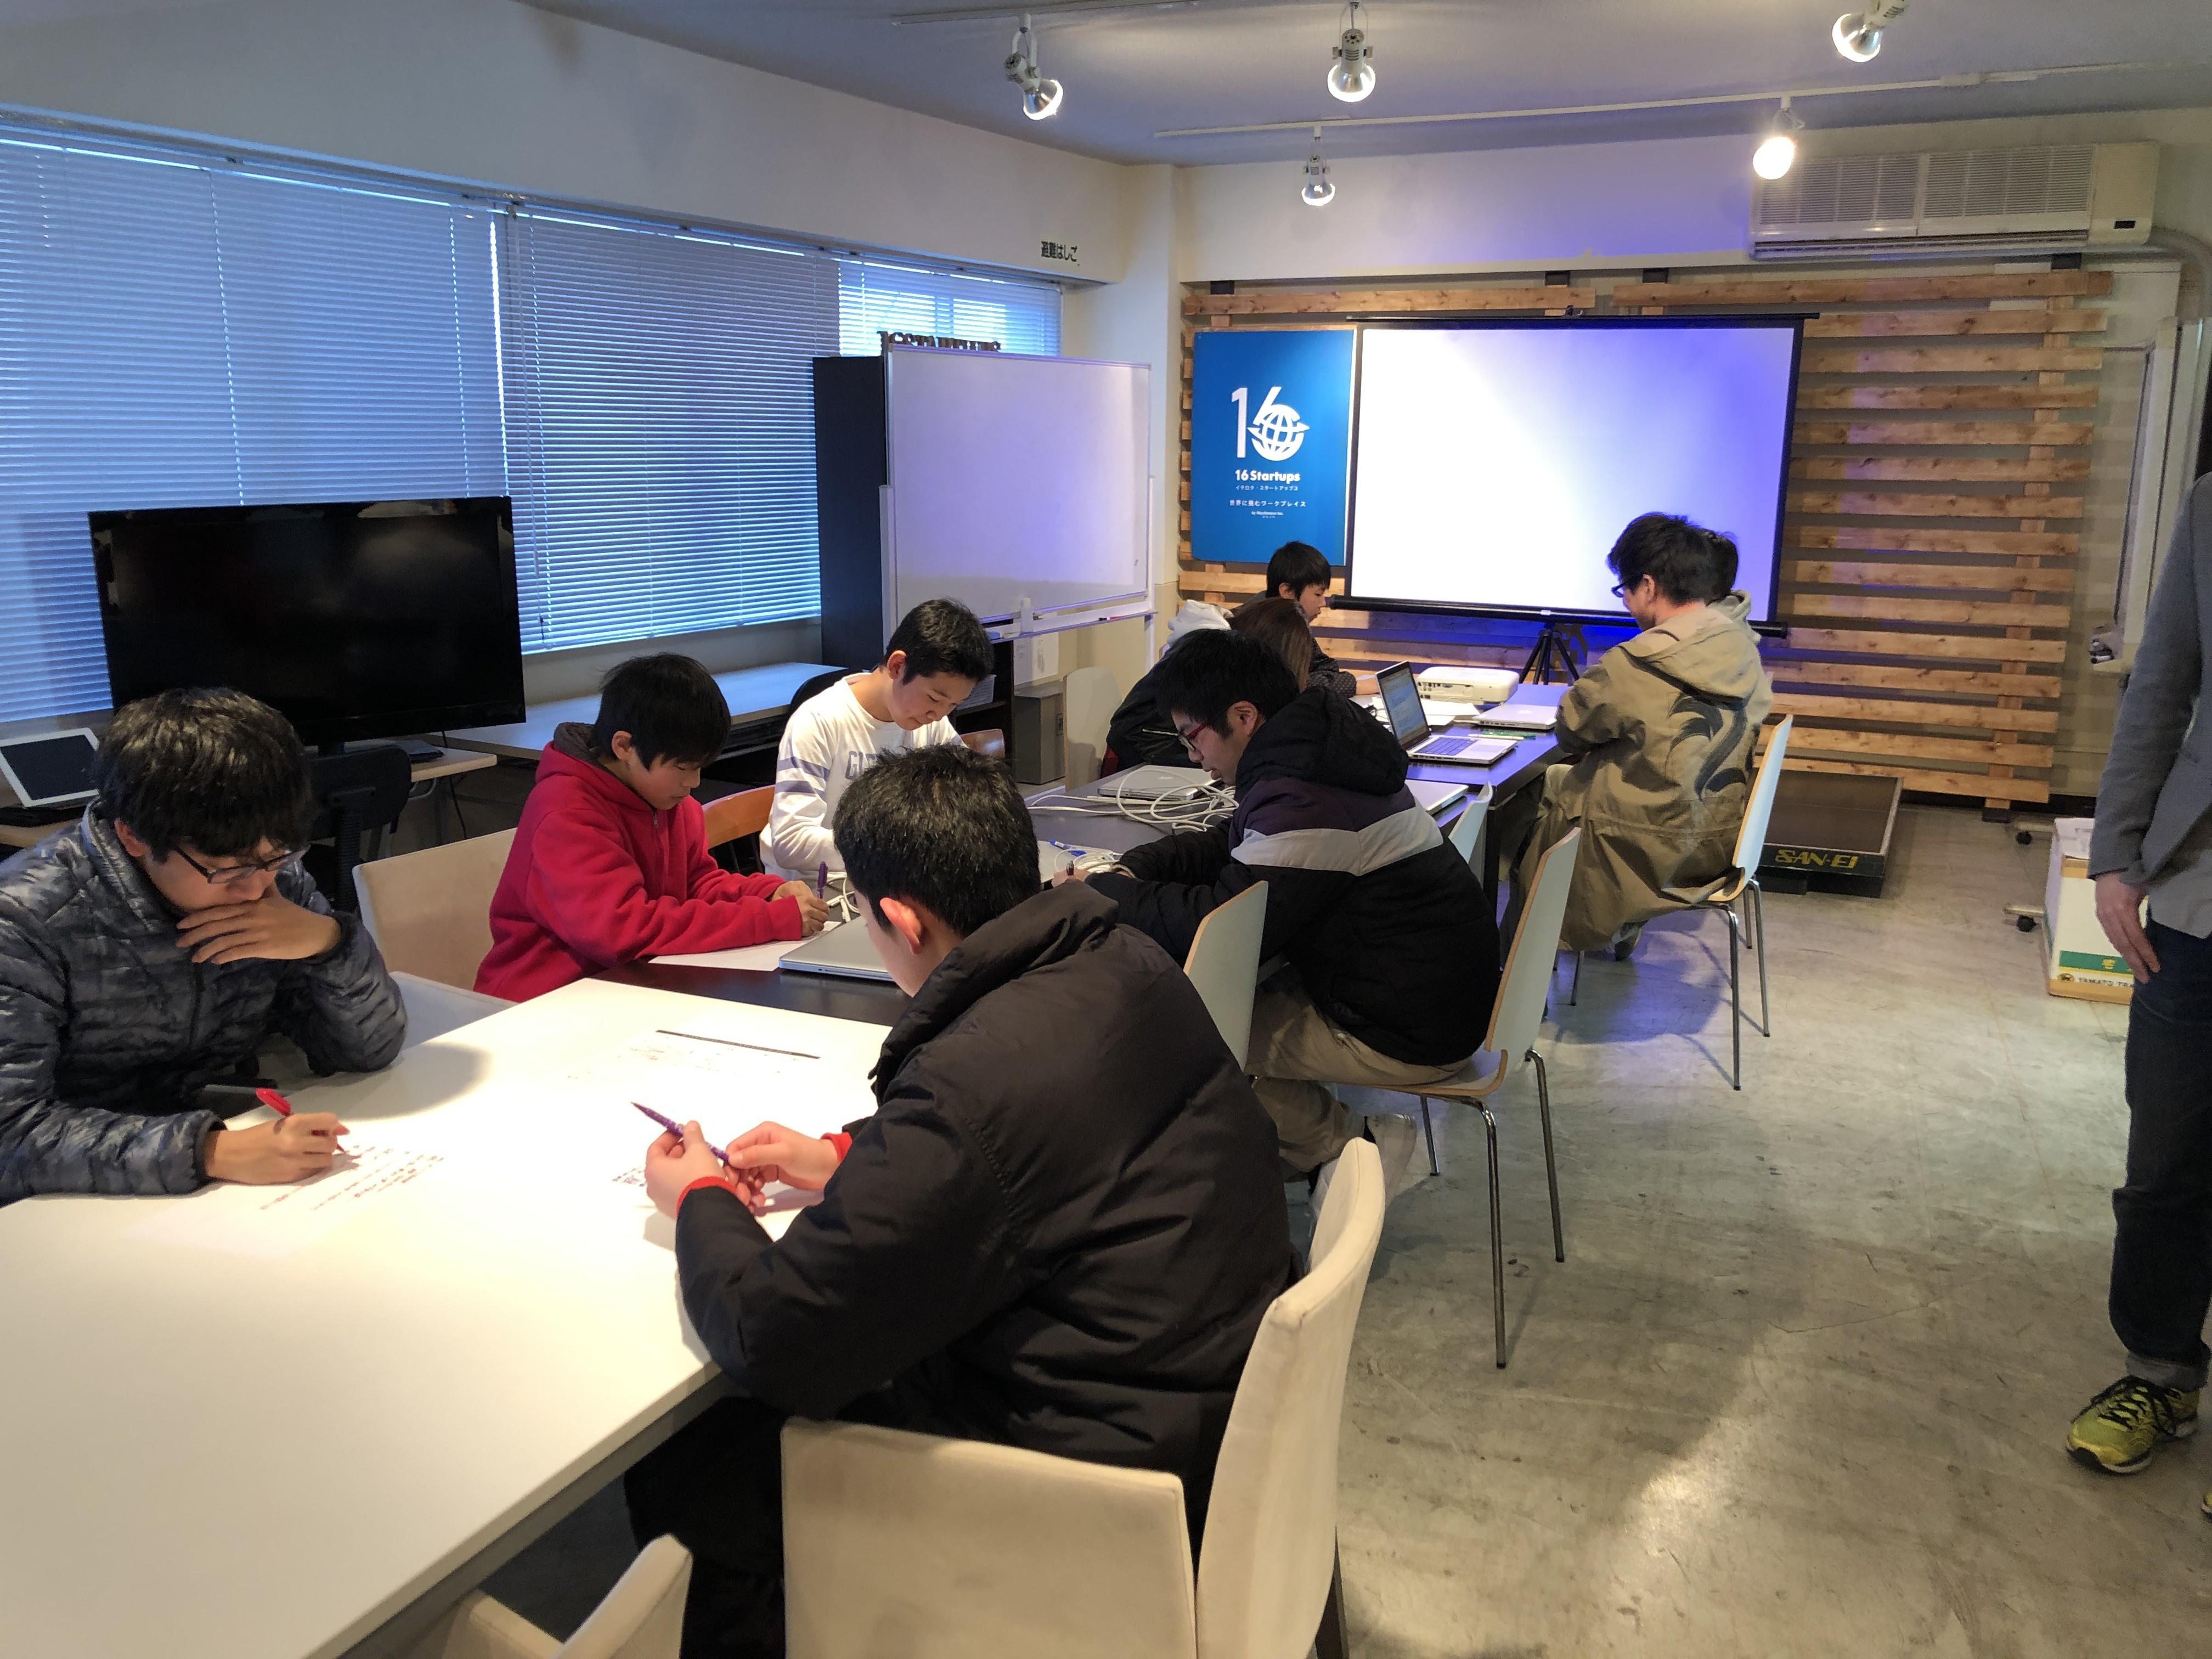 ヨコスカプログラミングスクールDAY5を開講しました!